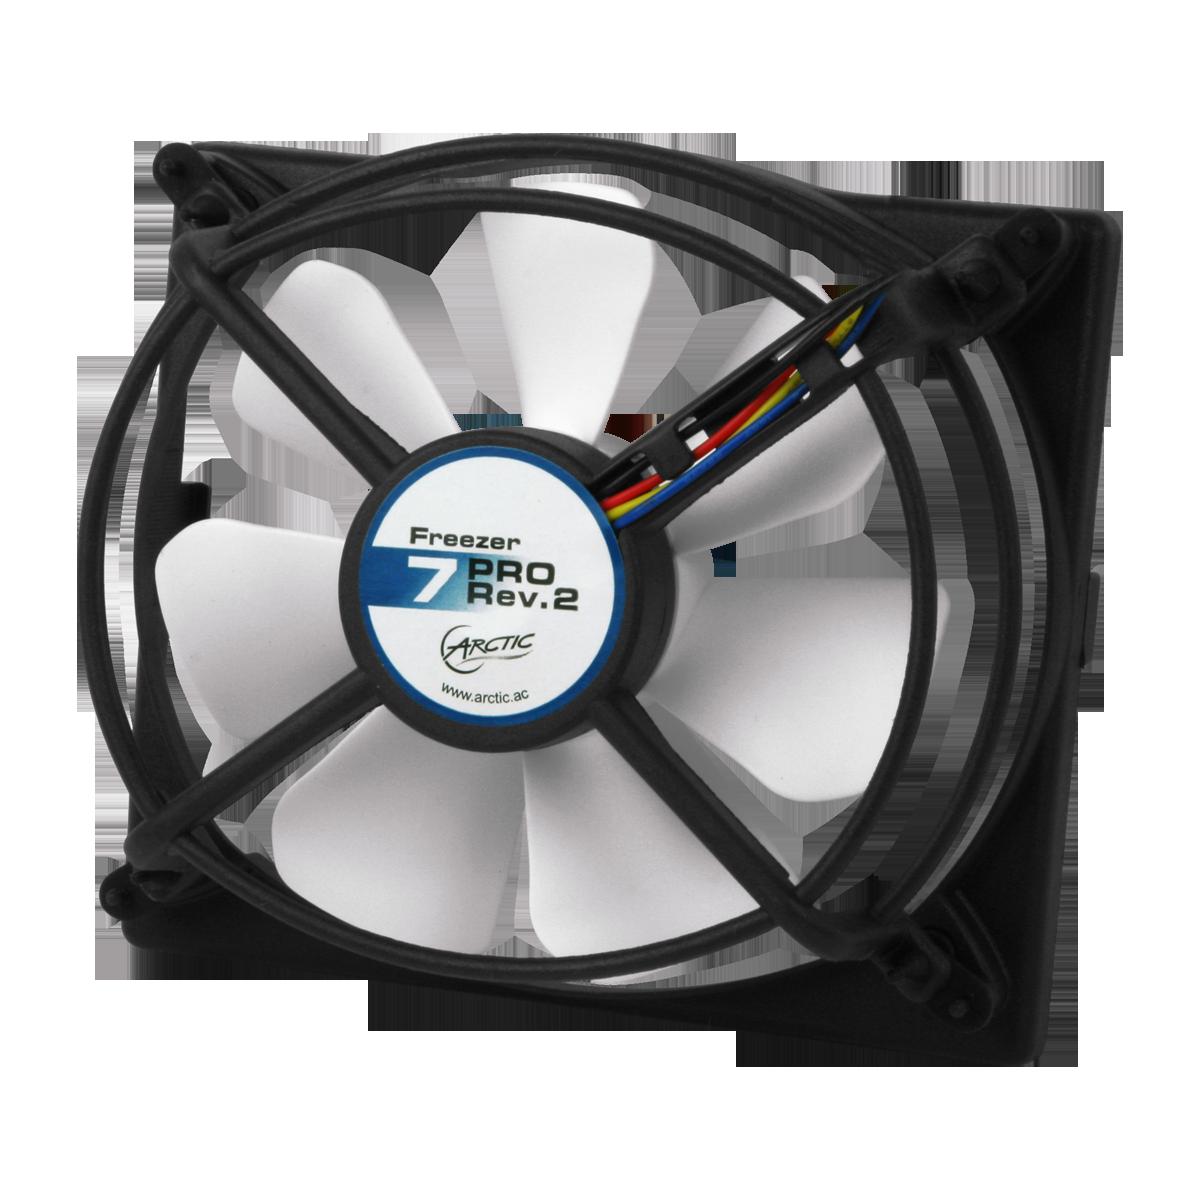 Freezer 7 Pro - Spare Fan